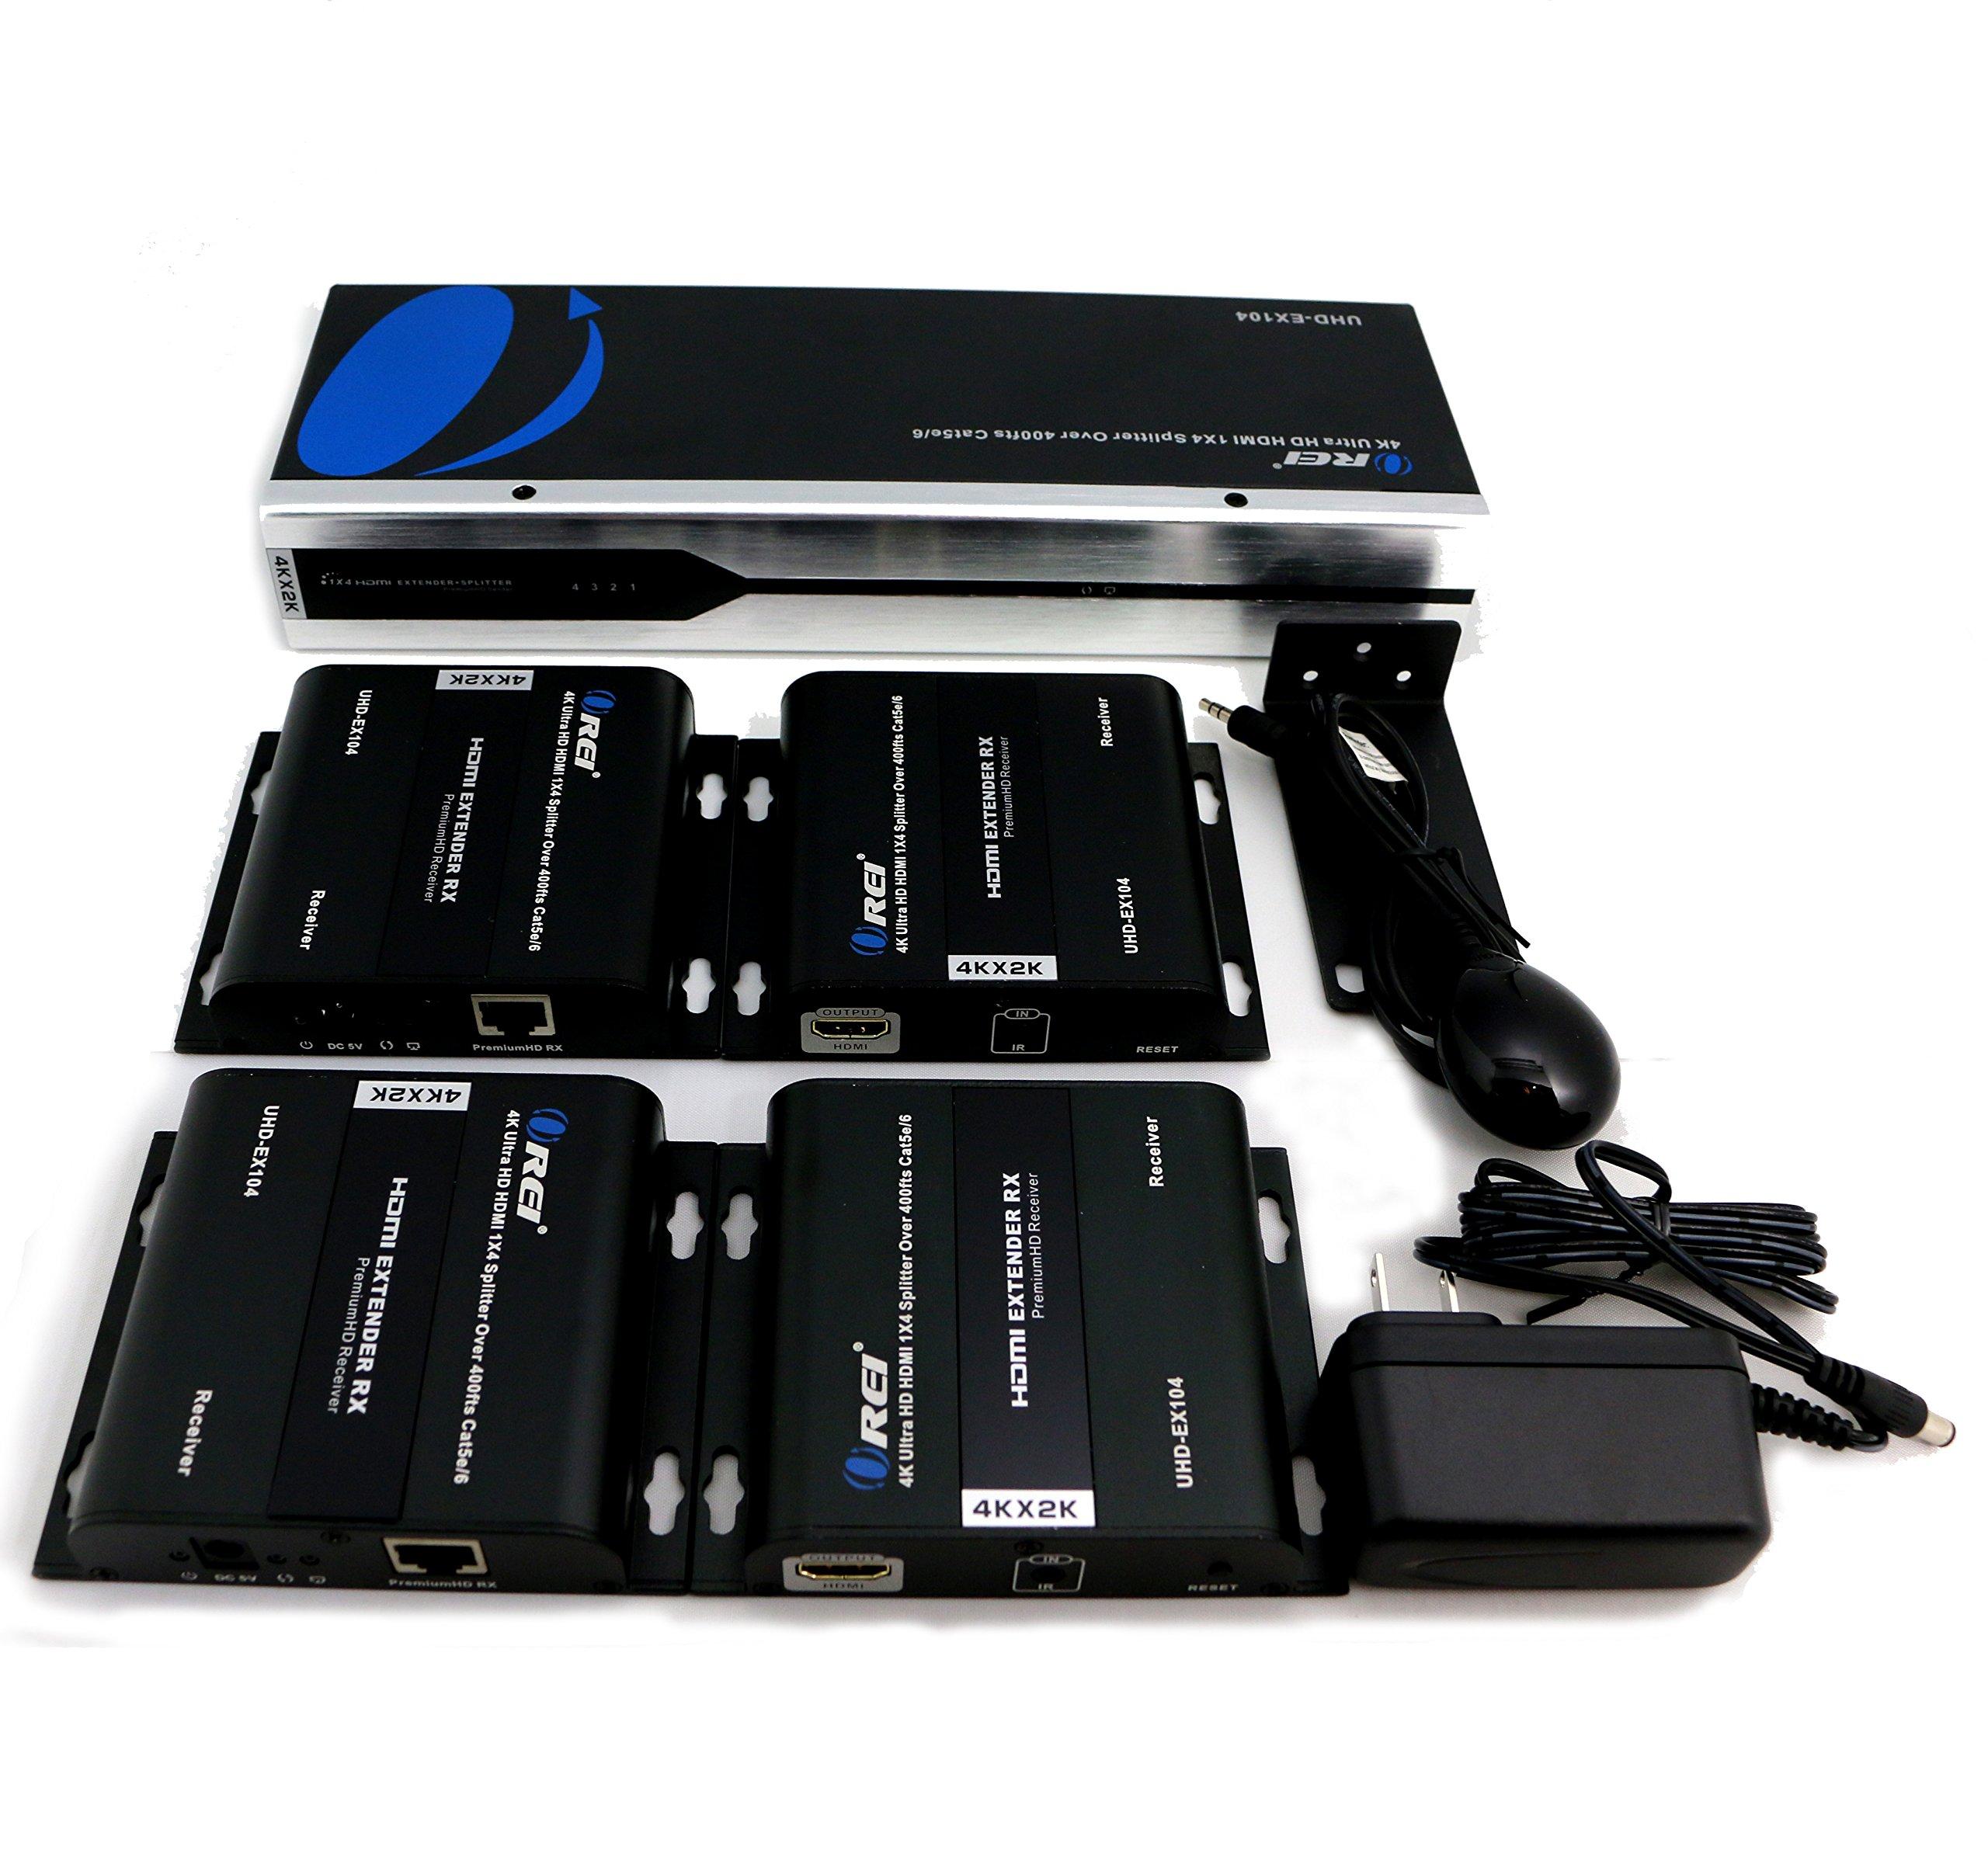 OREI 1X4 HDMI 2.0 Extender Splitter over CAT5/5e/6 with IR - Max 395 Feet (120m) at 1080p, 2K x 4K @ 30 HZ